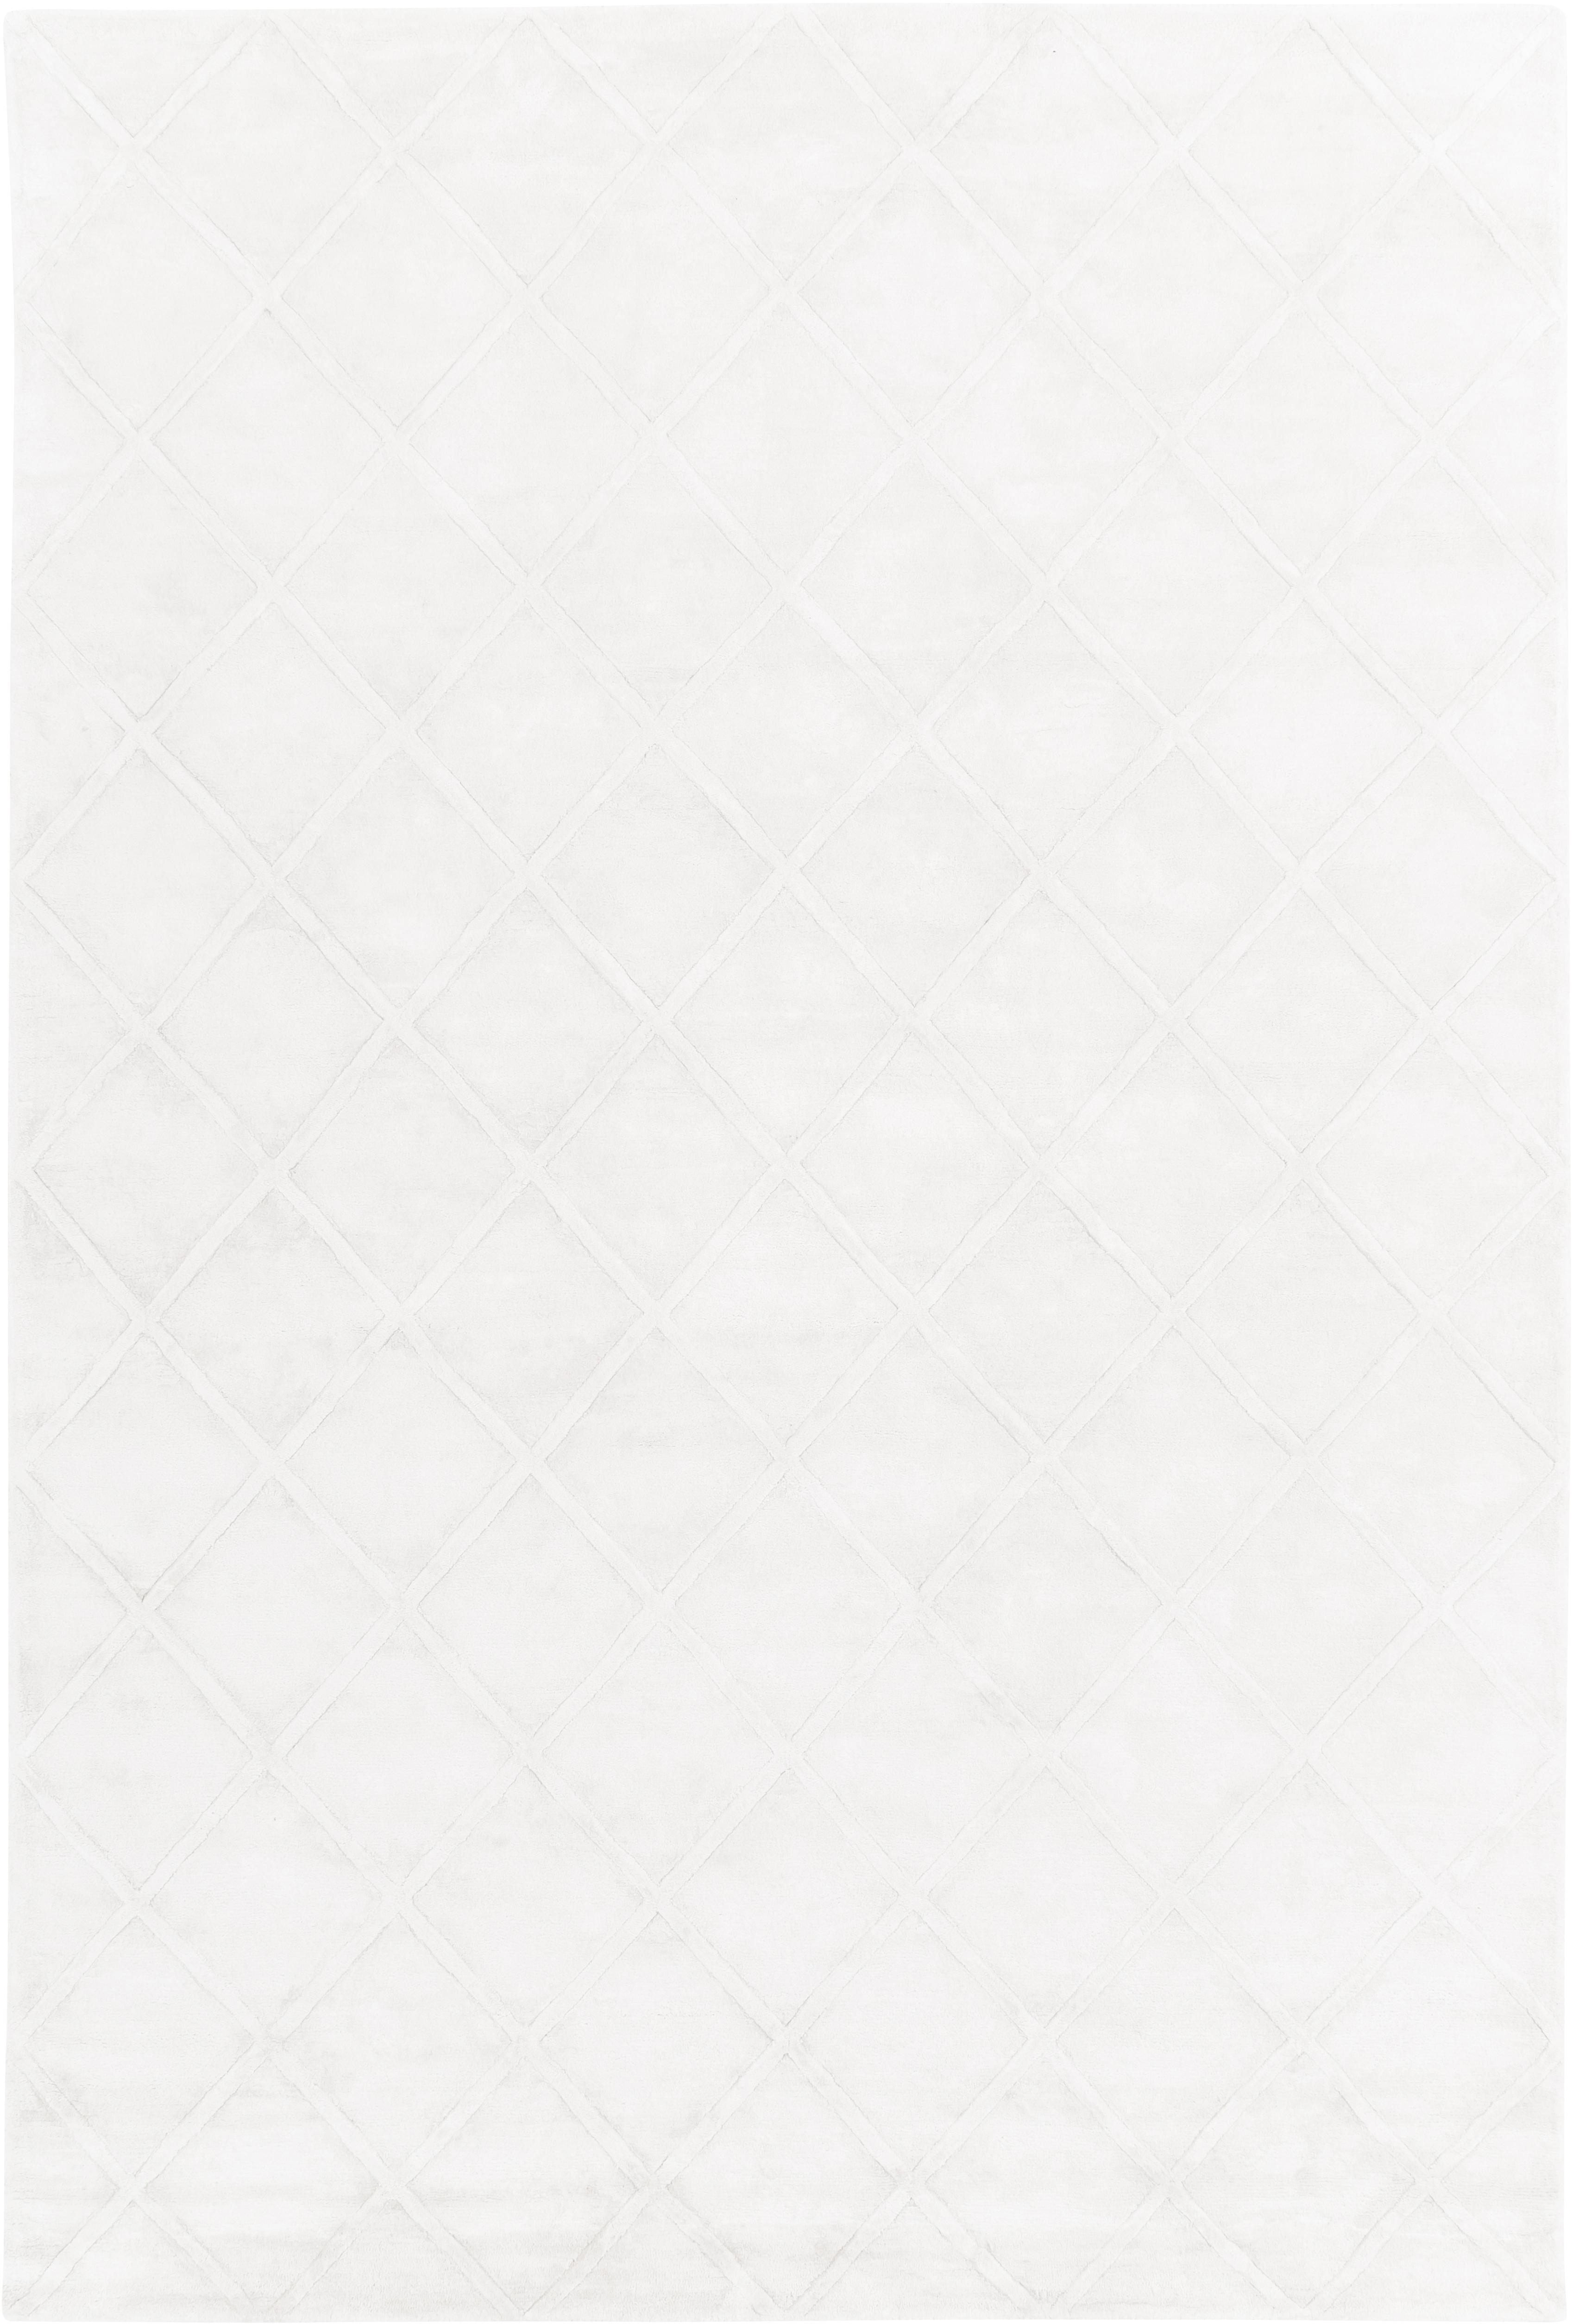 Tappeto in viscosa taftato a mano Madeleine, Retro: 100% cotone, Crema, Larg. 200 x Lung. 300 cm (taglia L)